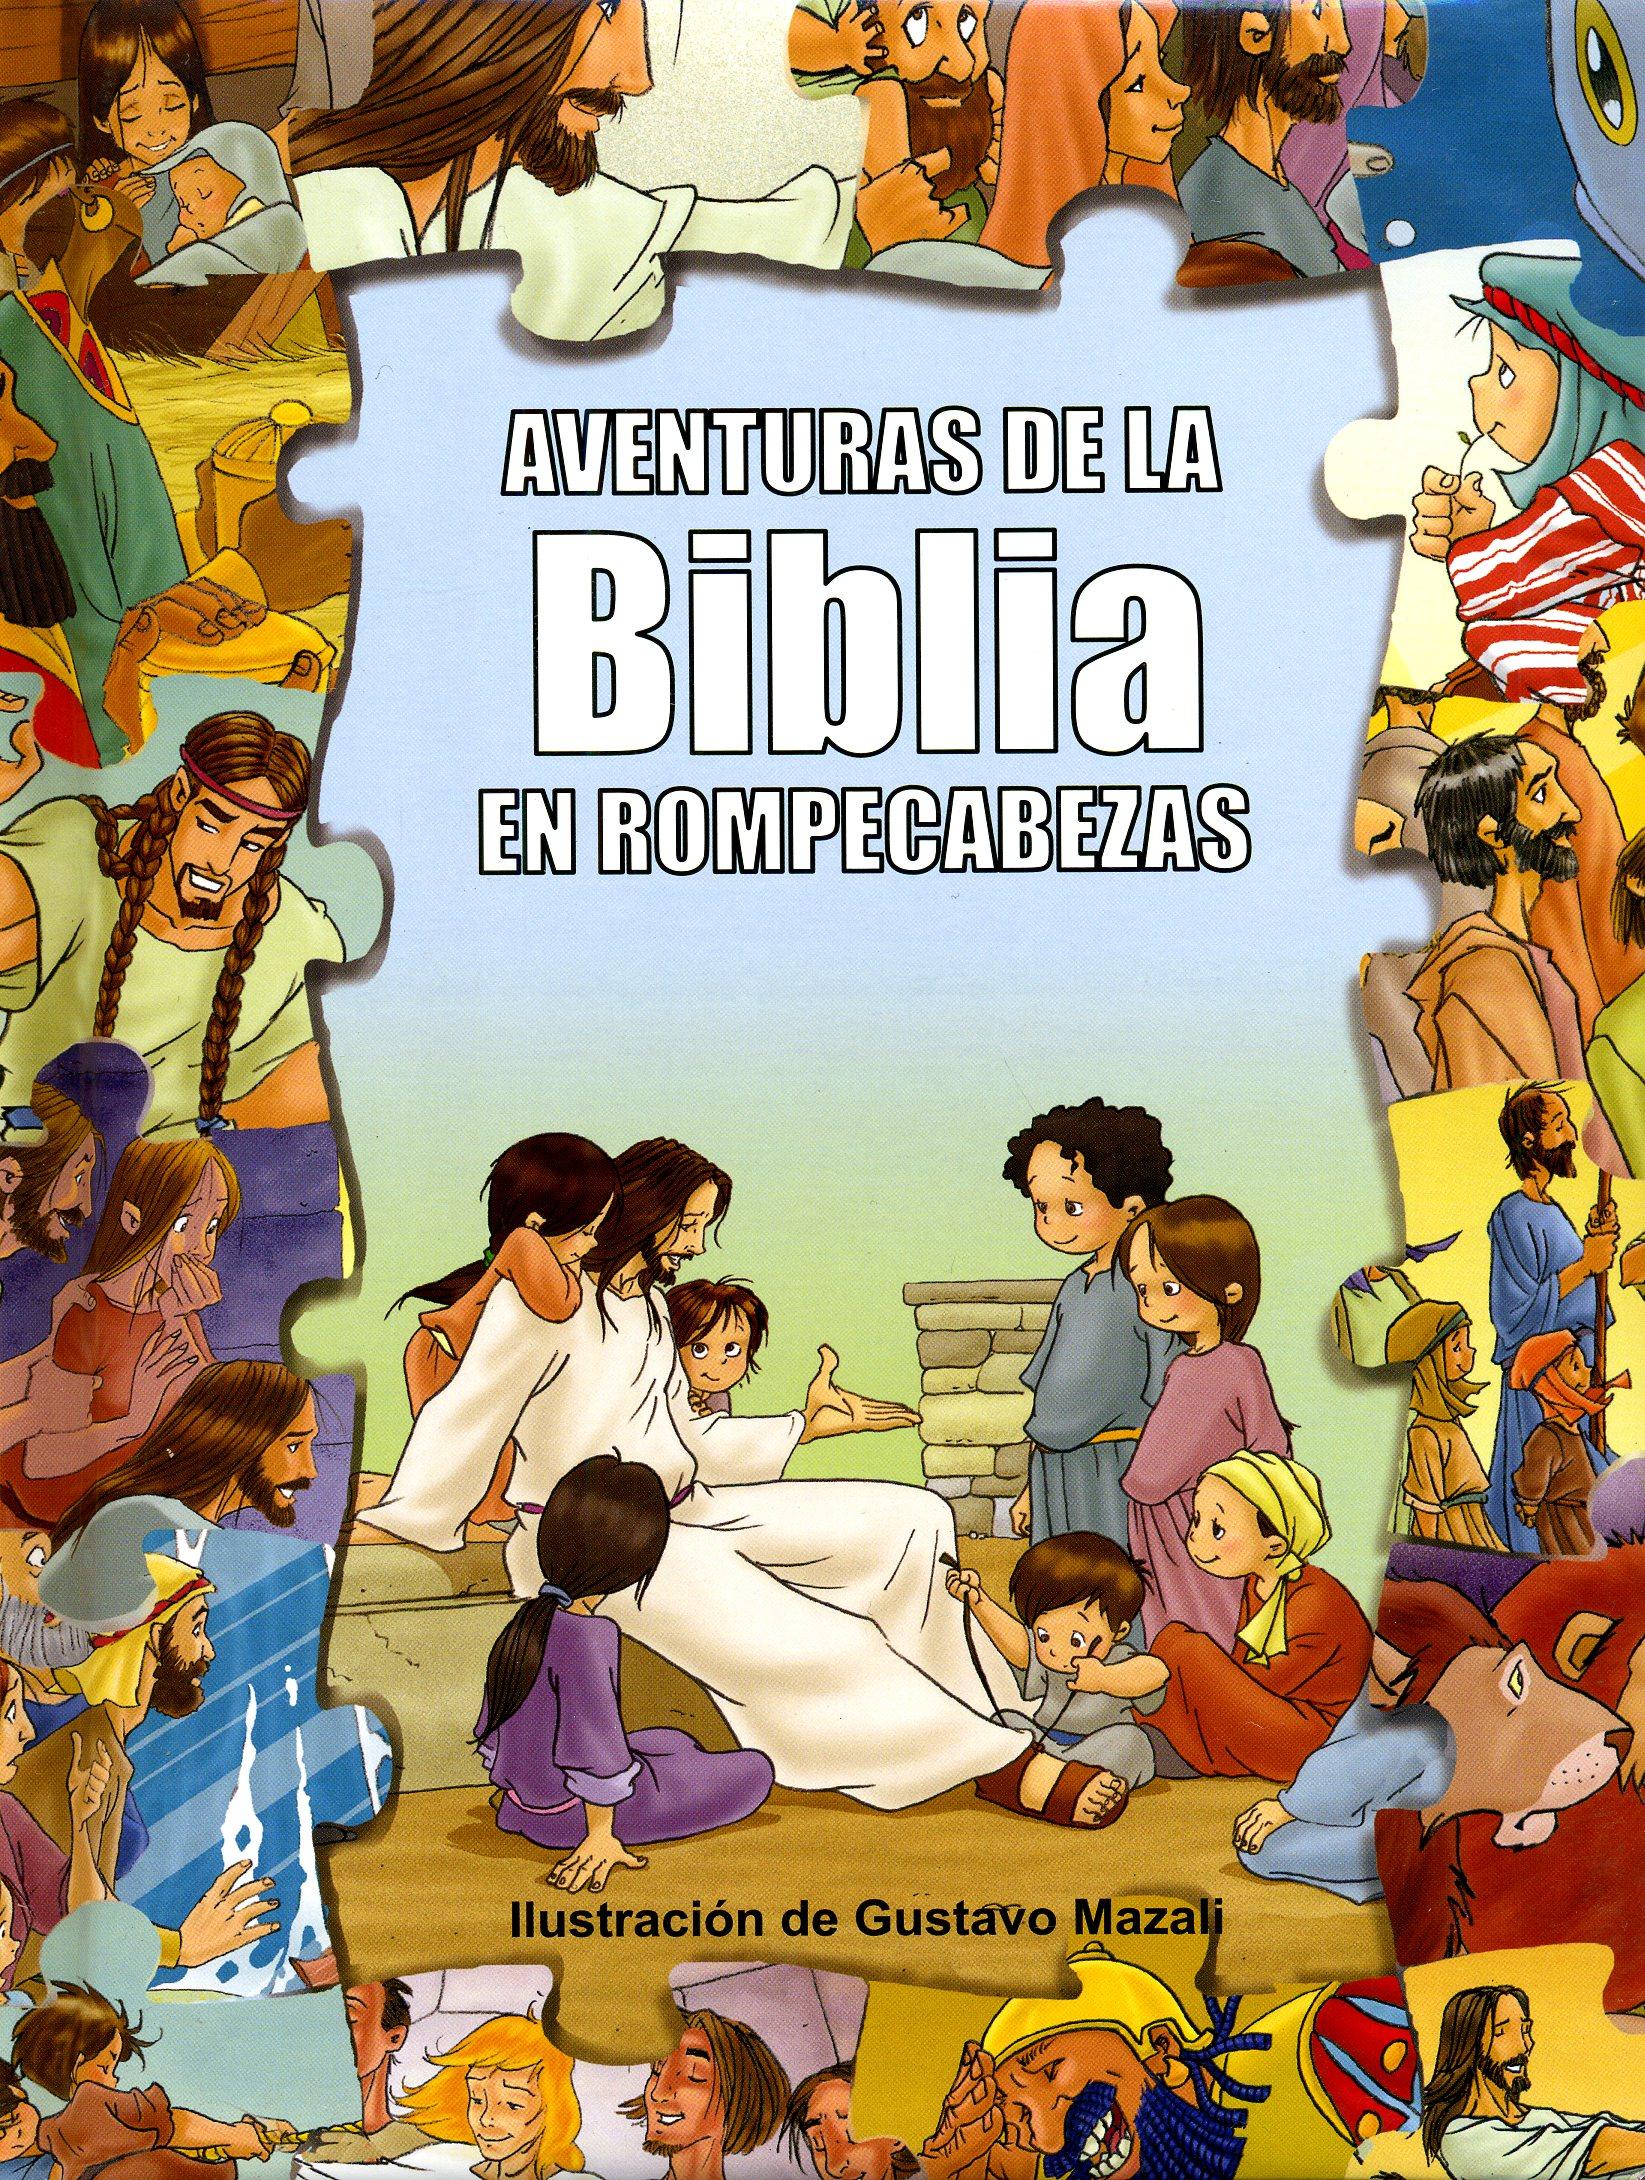 Aventuras de la biblia en rompecabezas